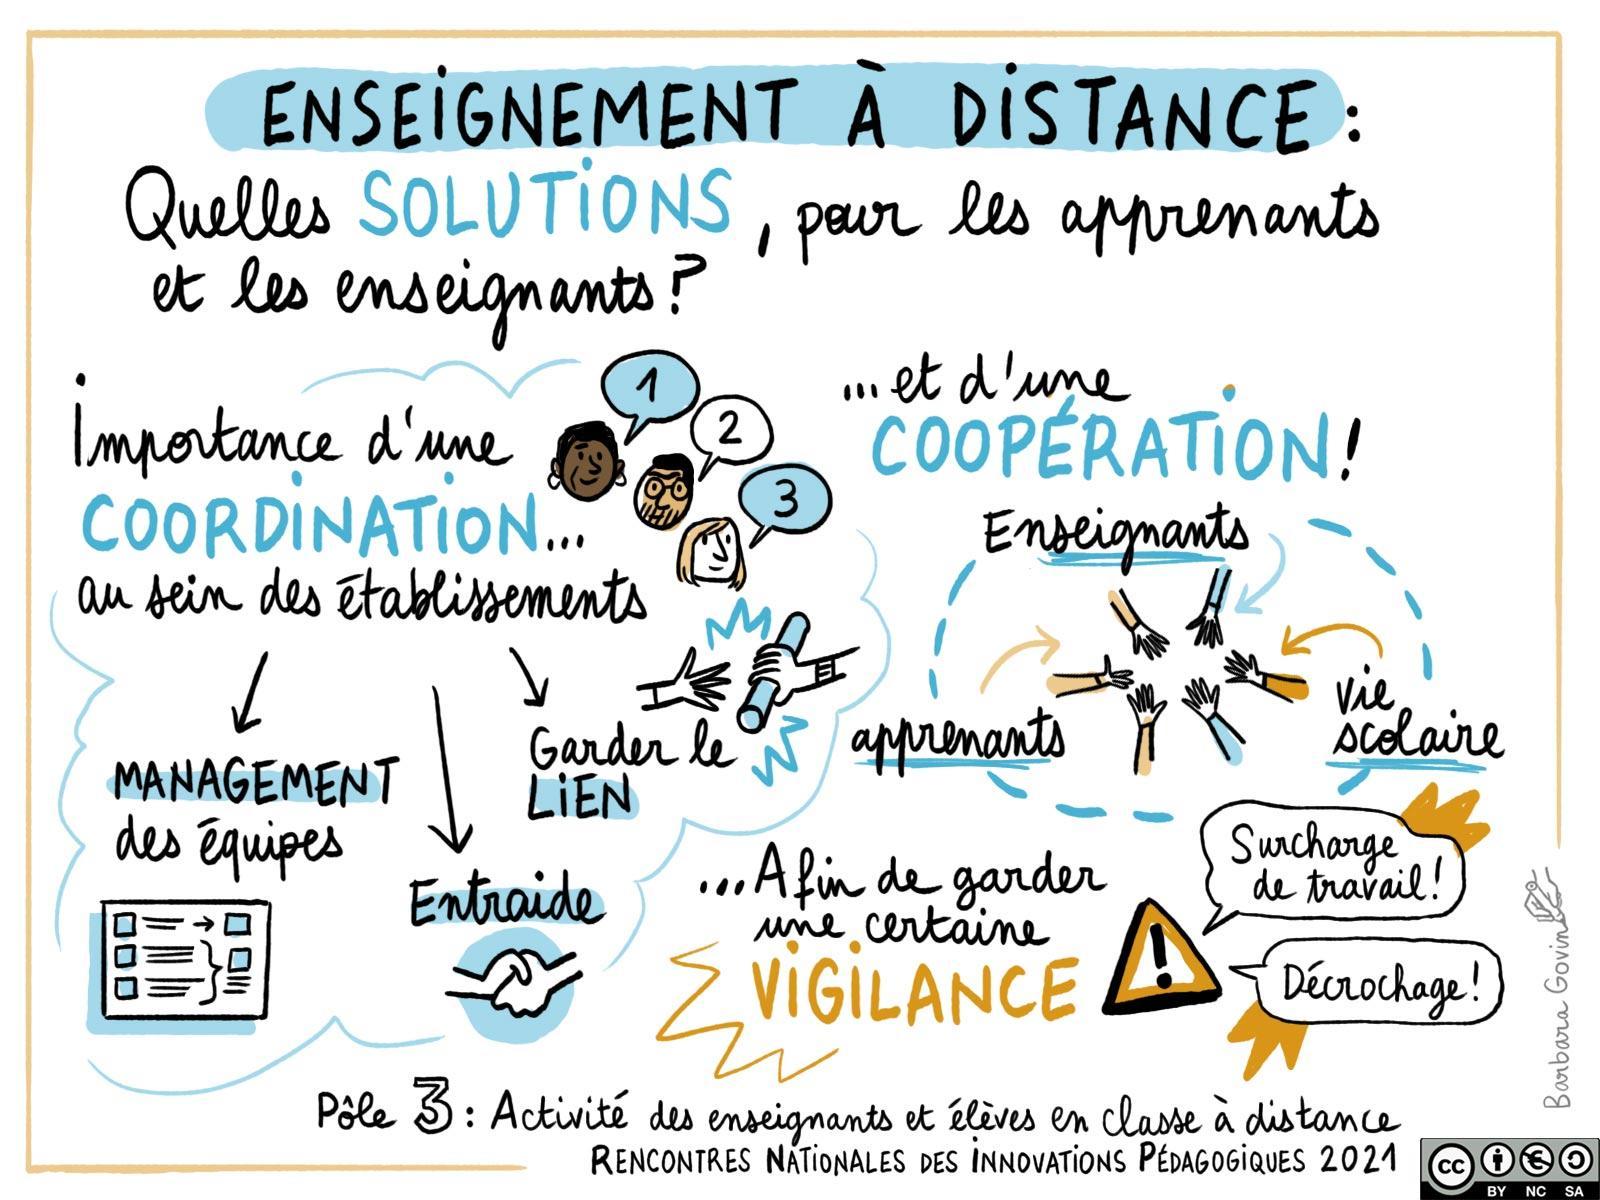 15. Pôle 3 - enseignement à distance - solutions